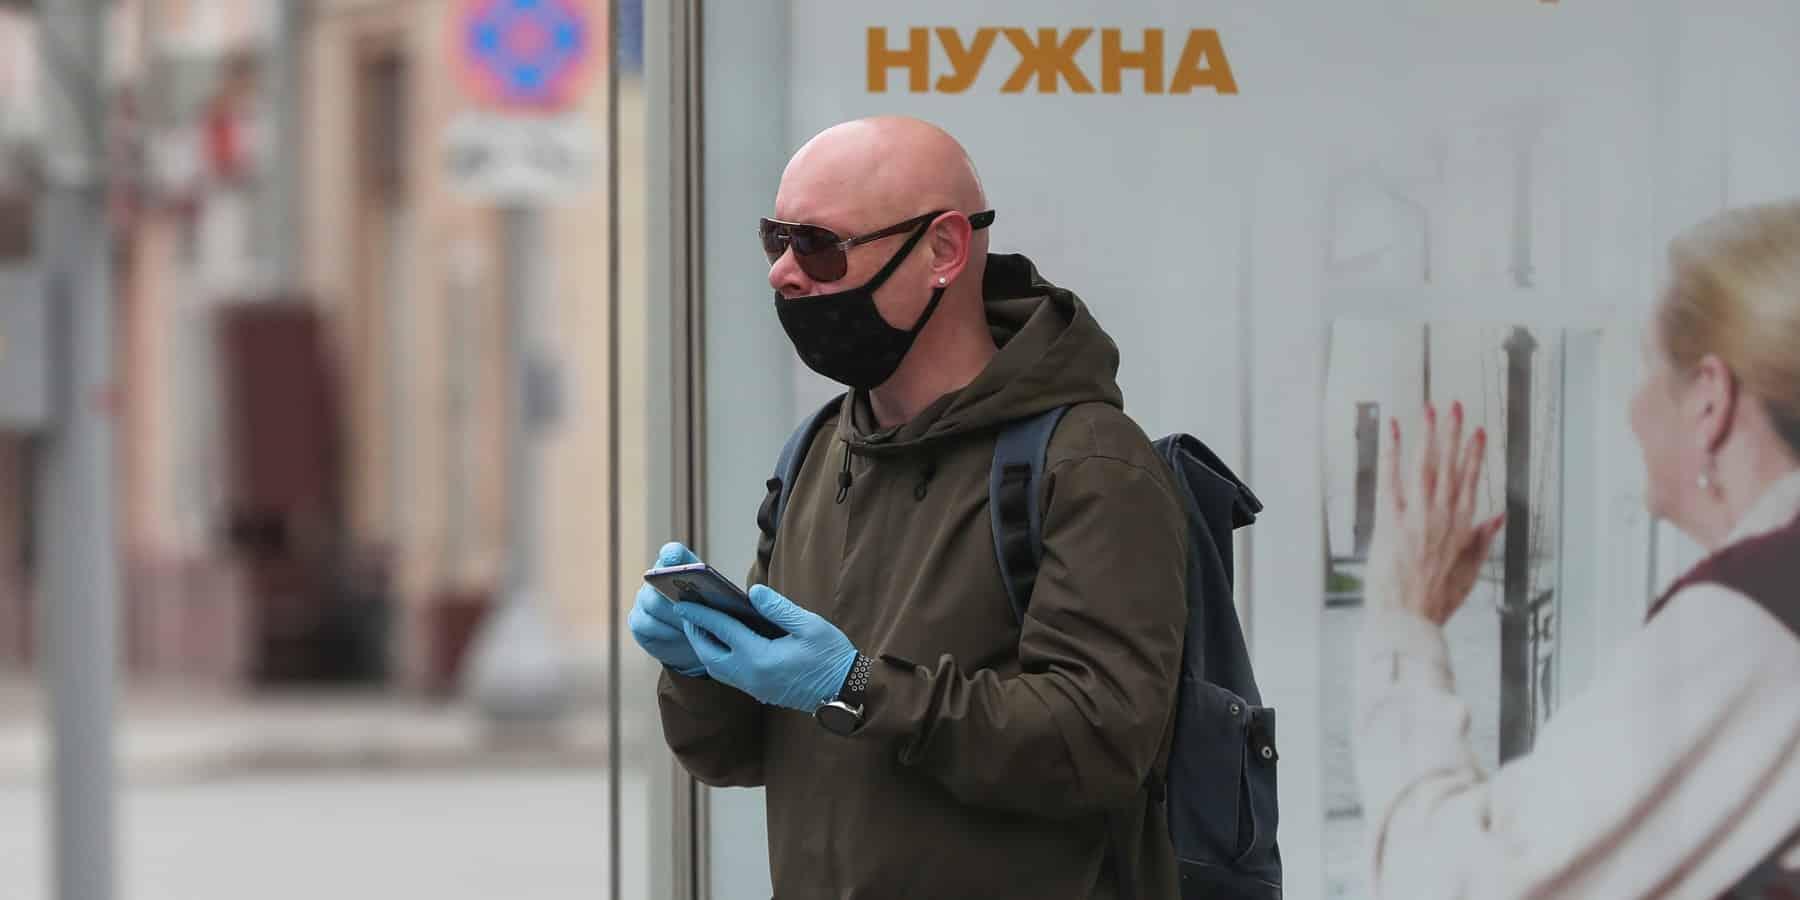 Россиян начали штрафовать за нарушение масочного режима